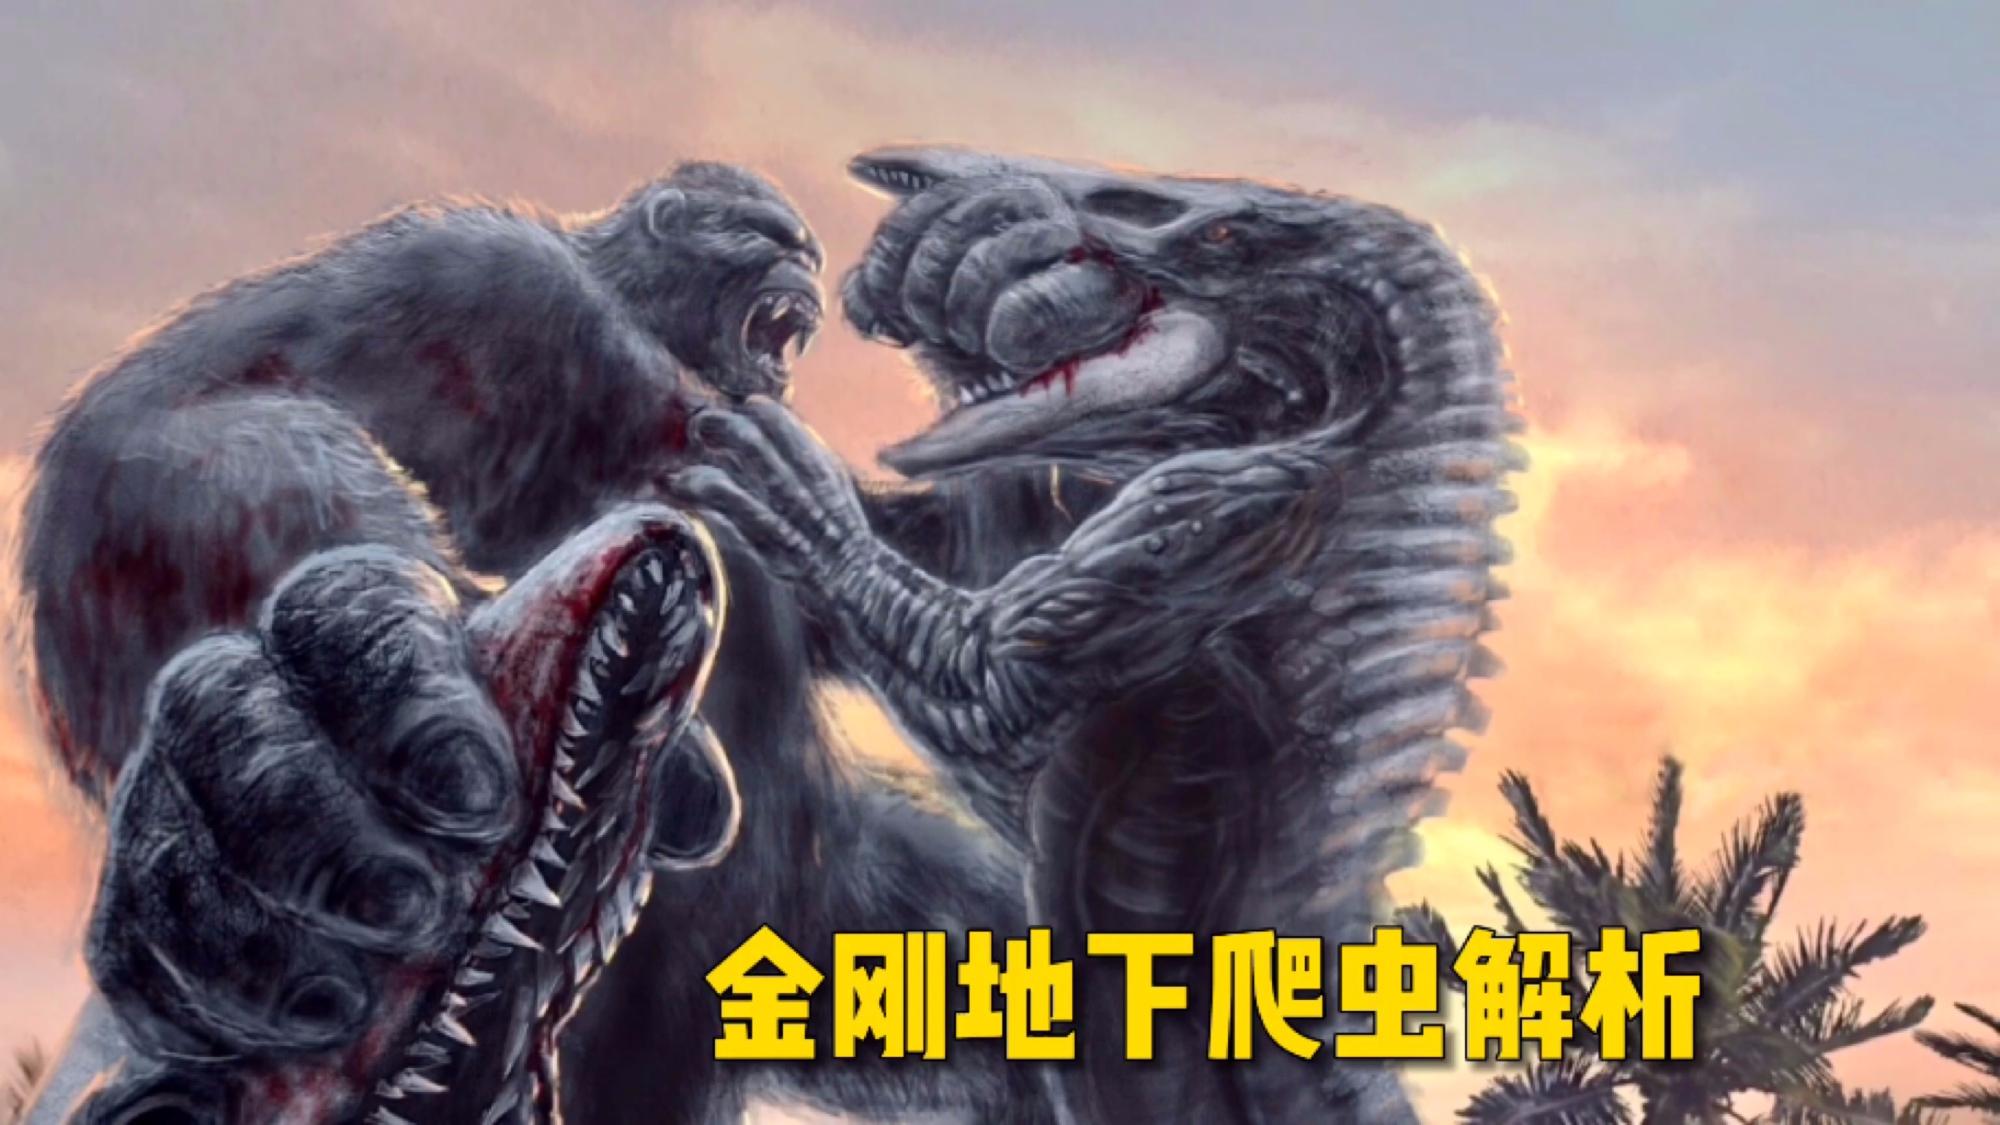 骷髅岛蜥蜴6大能力解析,Boss版跟哥斯拉长度一致,怪兽宇宙科普#割蕉大乱斗#